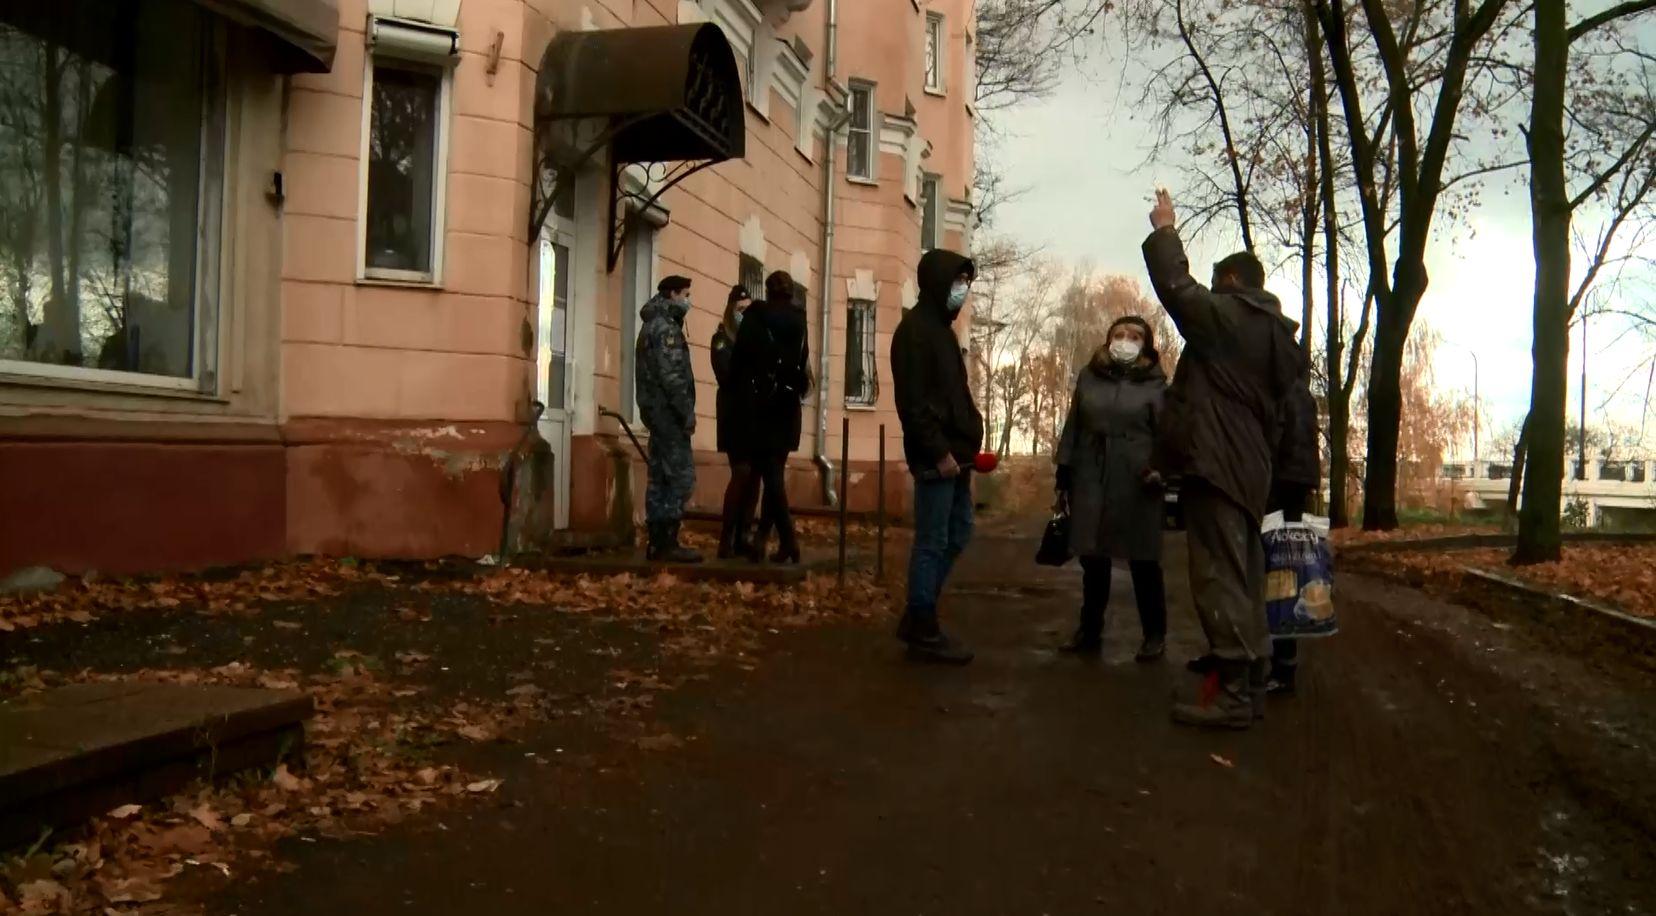 В доме на Флотском спуске в Ярославле работники управляющей компании не могут попасть к трубе отопления из-за сауны?